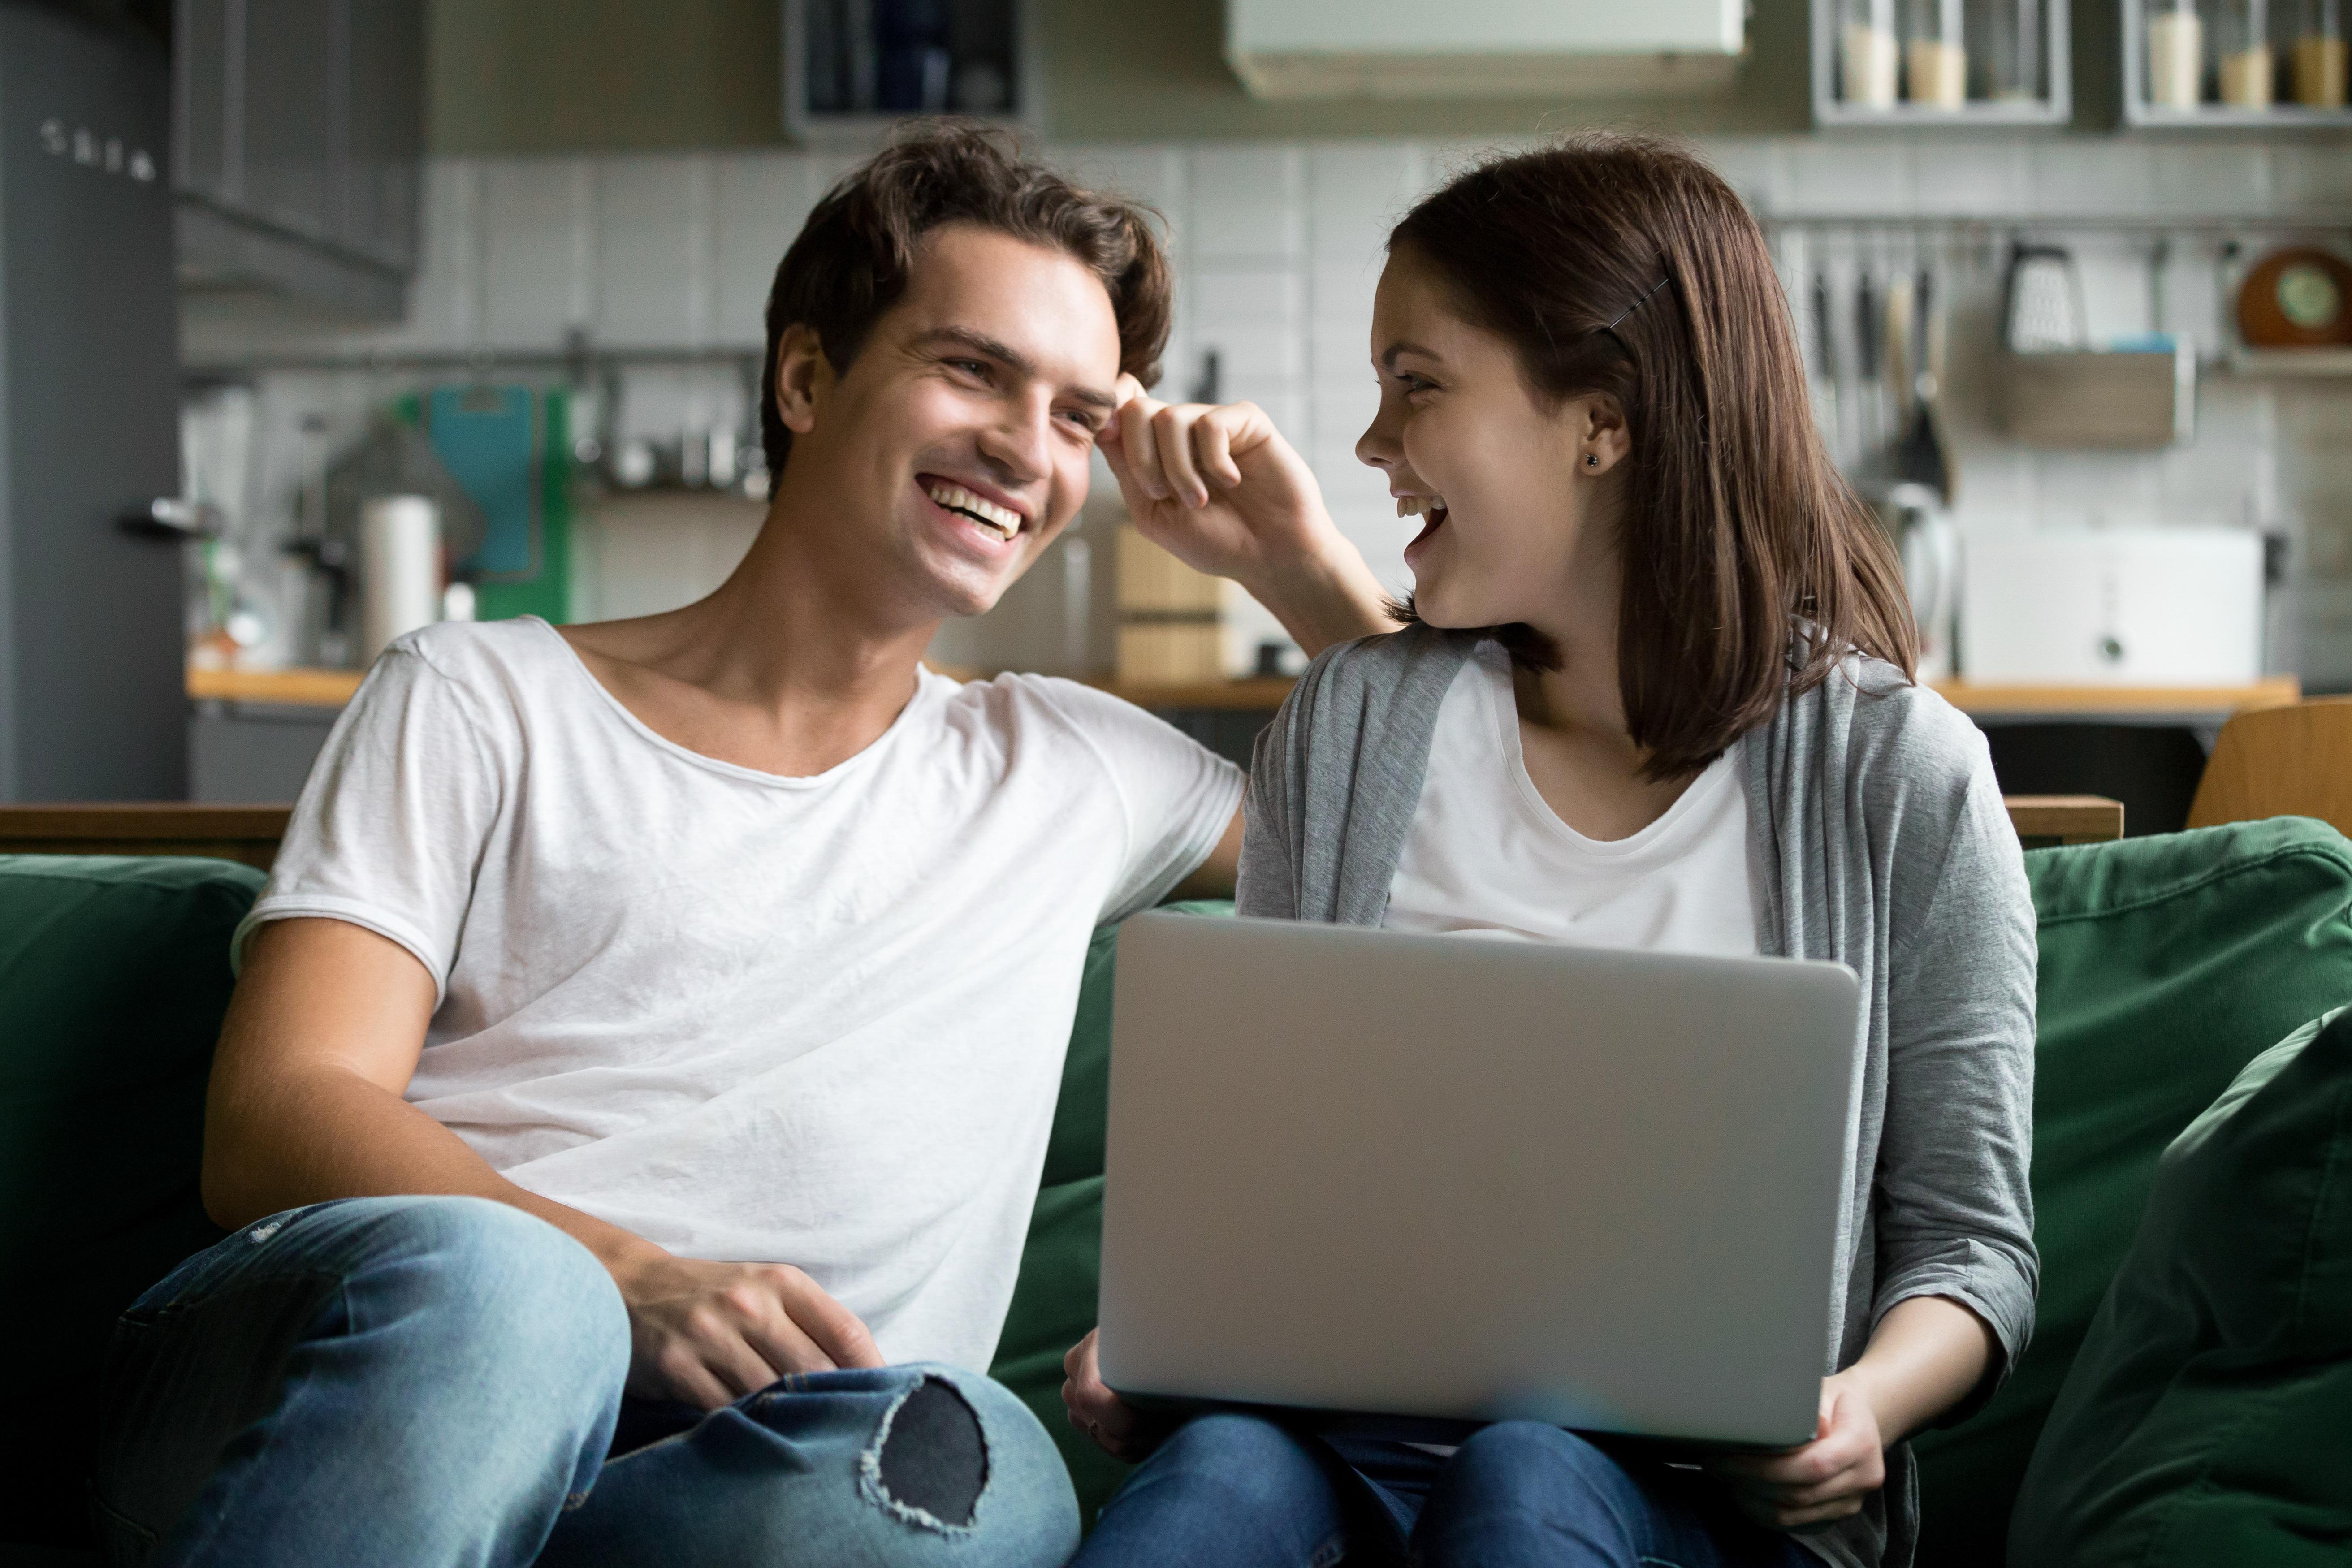 różnica między rozmową a widzeniem i randką